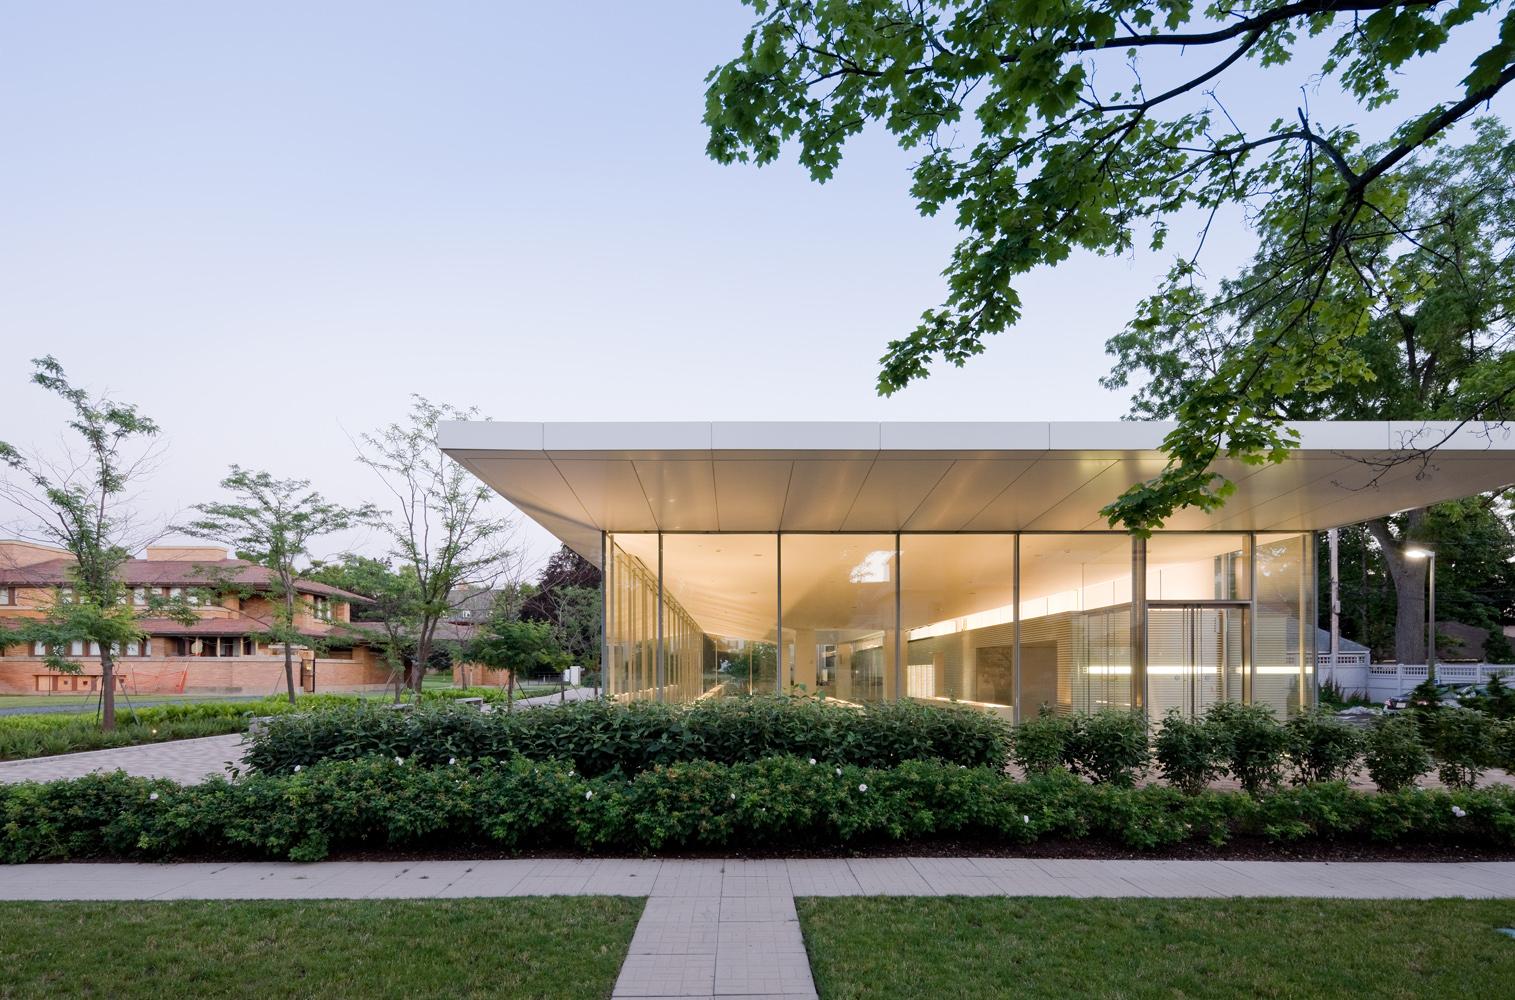 Courtesy of Toshiko Mori Architect.